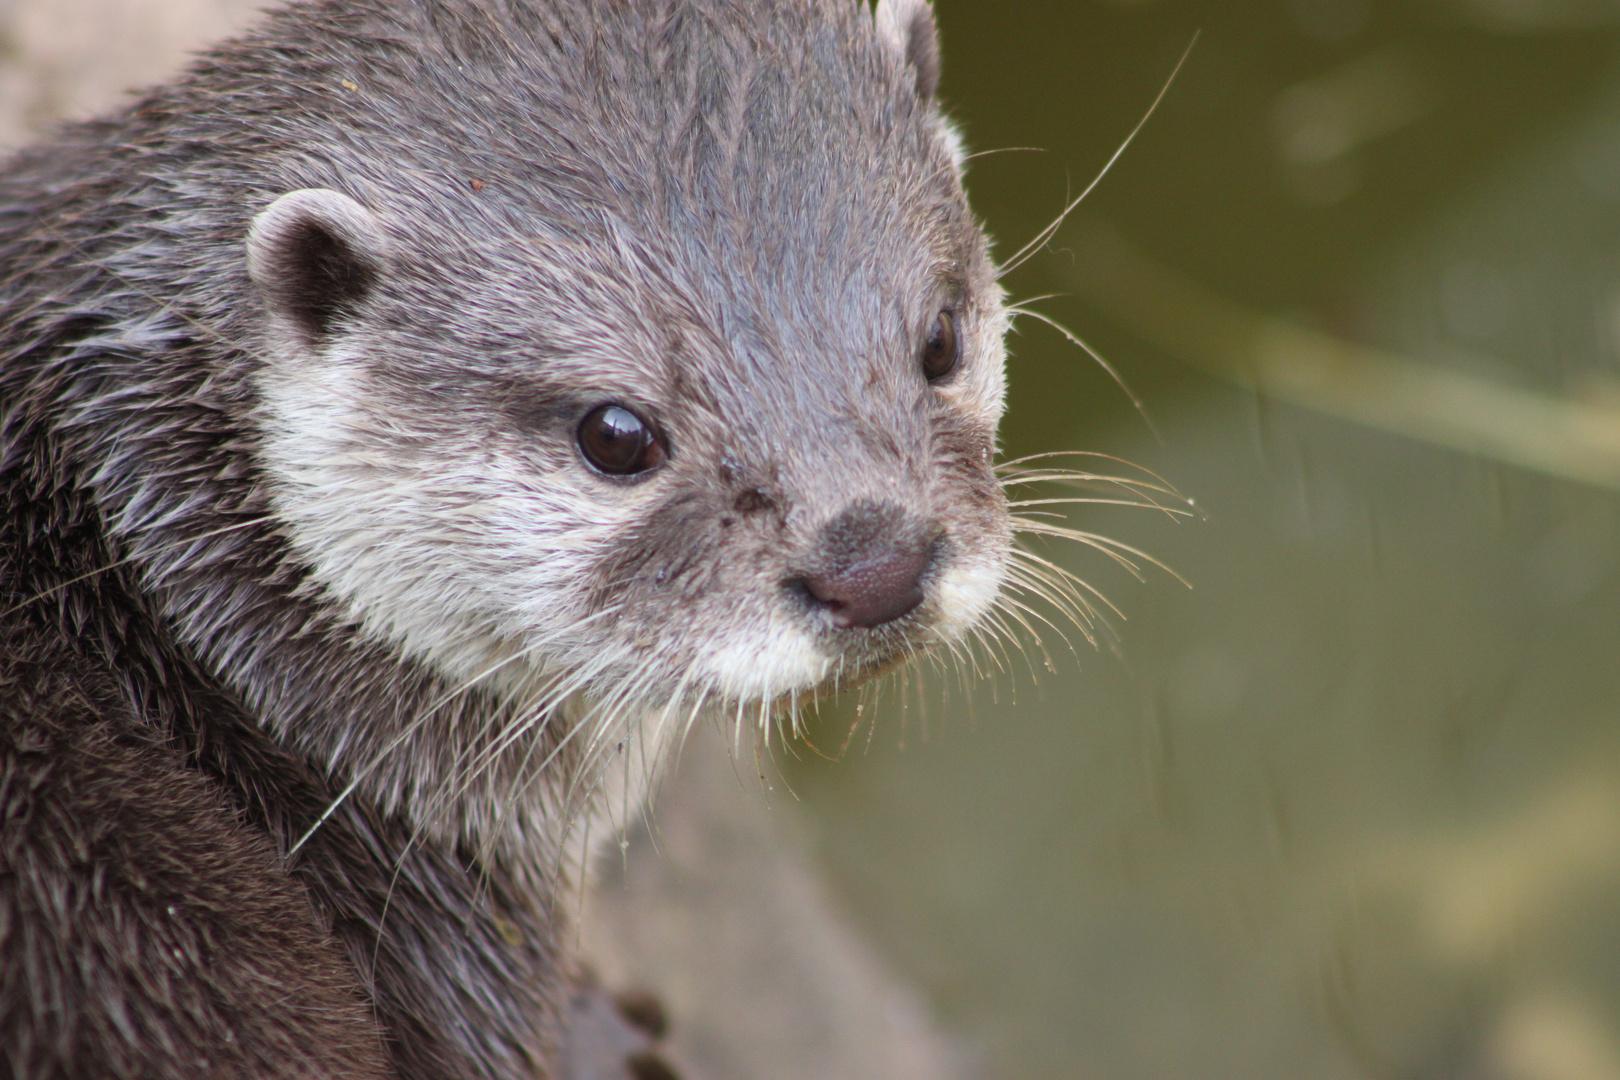 Otter at troppicquarium